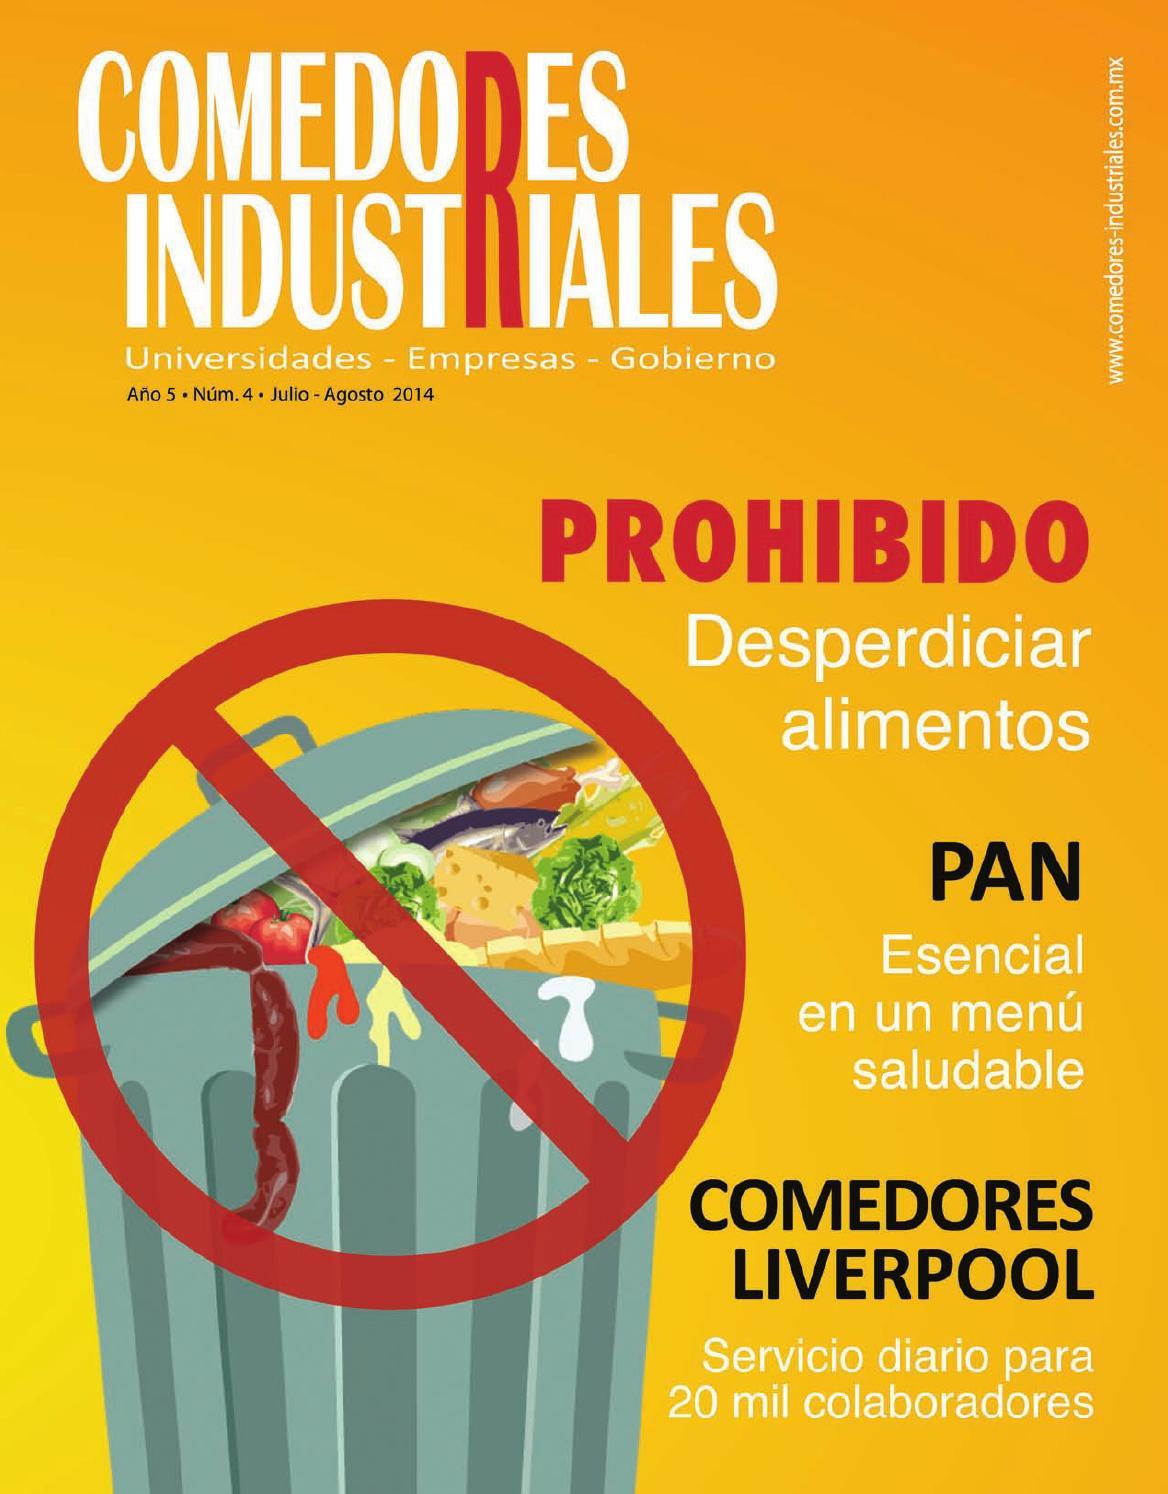 Comedores industriales julio agosto 2014 by editorial for Como hacer una propuesta para un comedor industrial